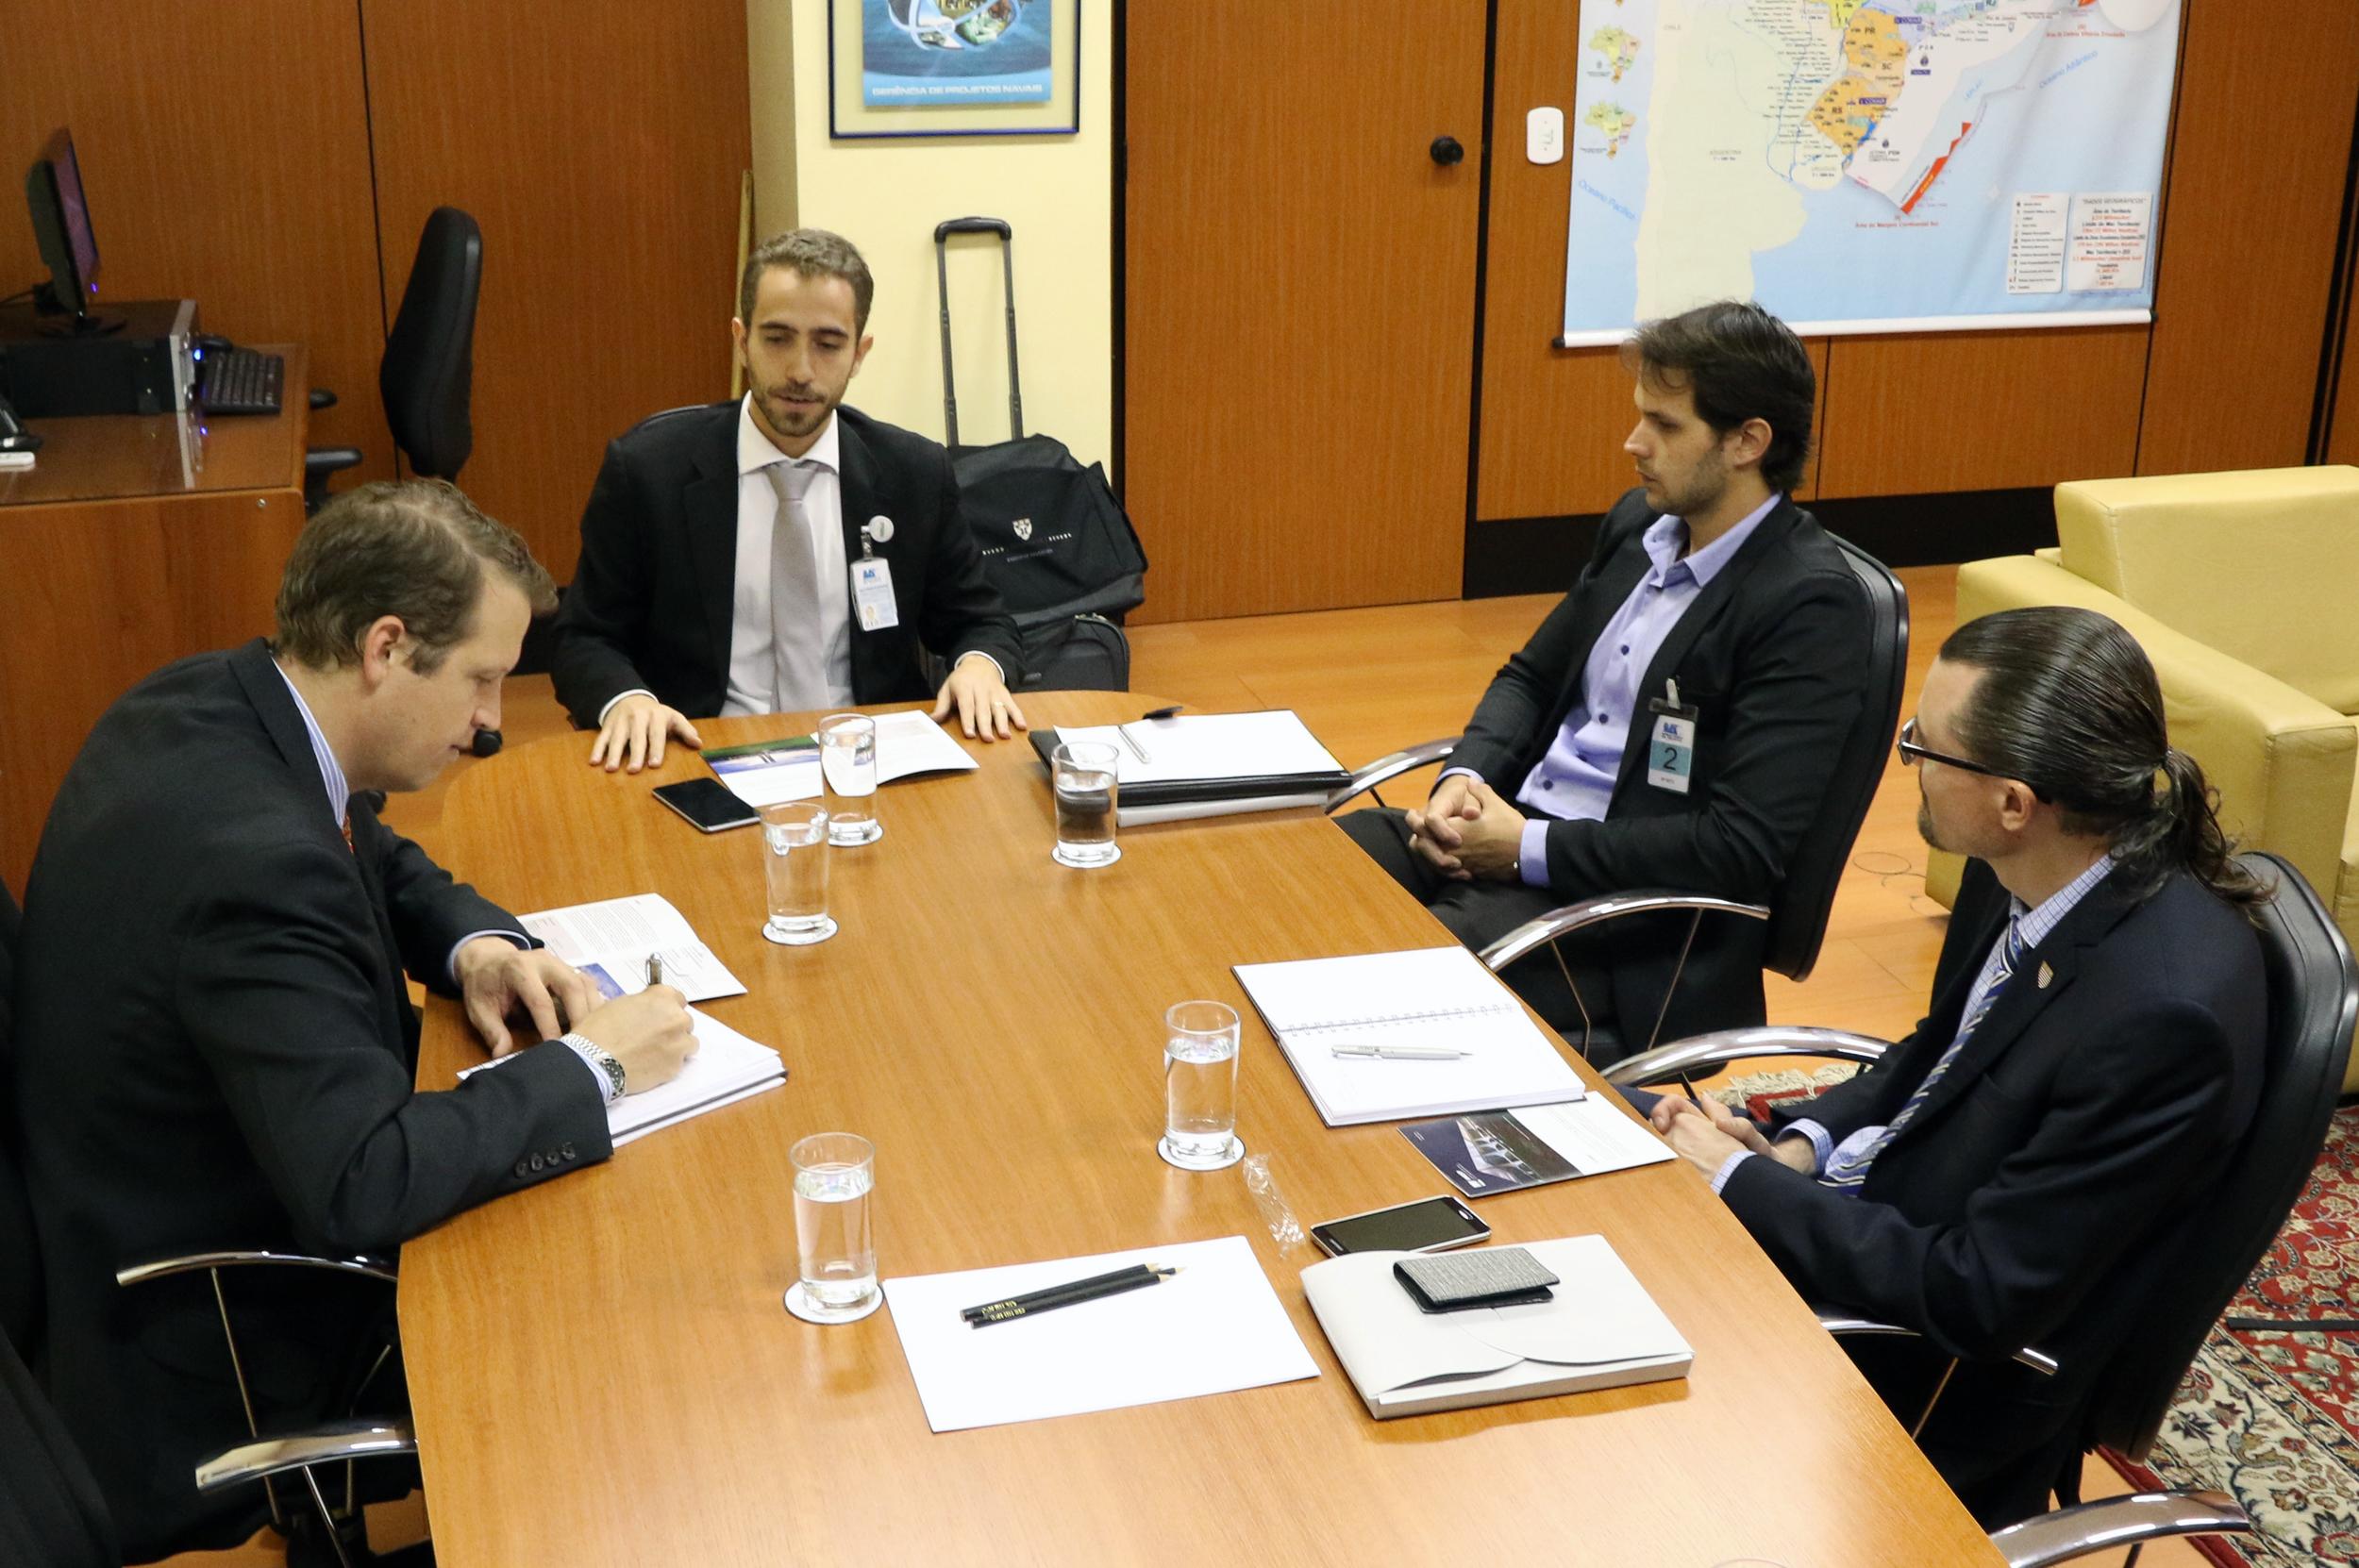 Jason Dyett, Matheus Azevedo, Paulo Brunet, coordenador-executivo da ANESP, e Matt Clemons em reunião.